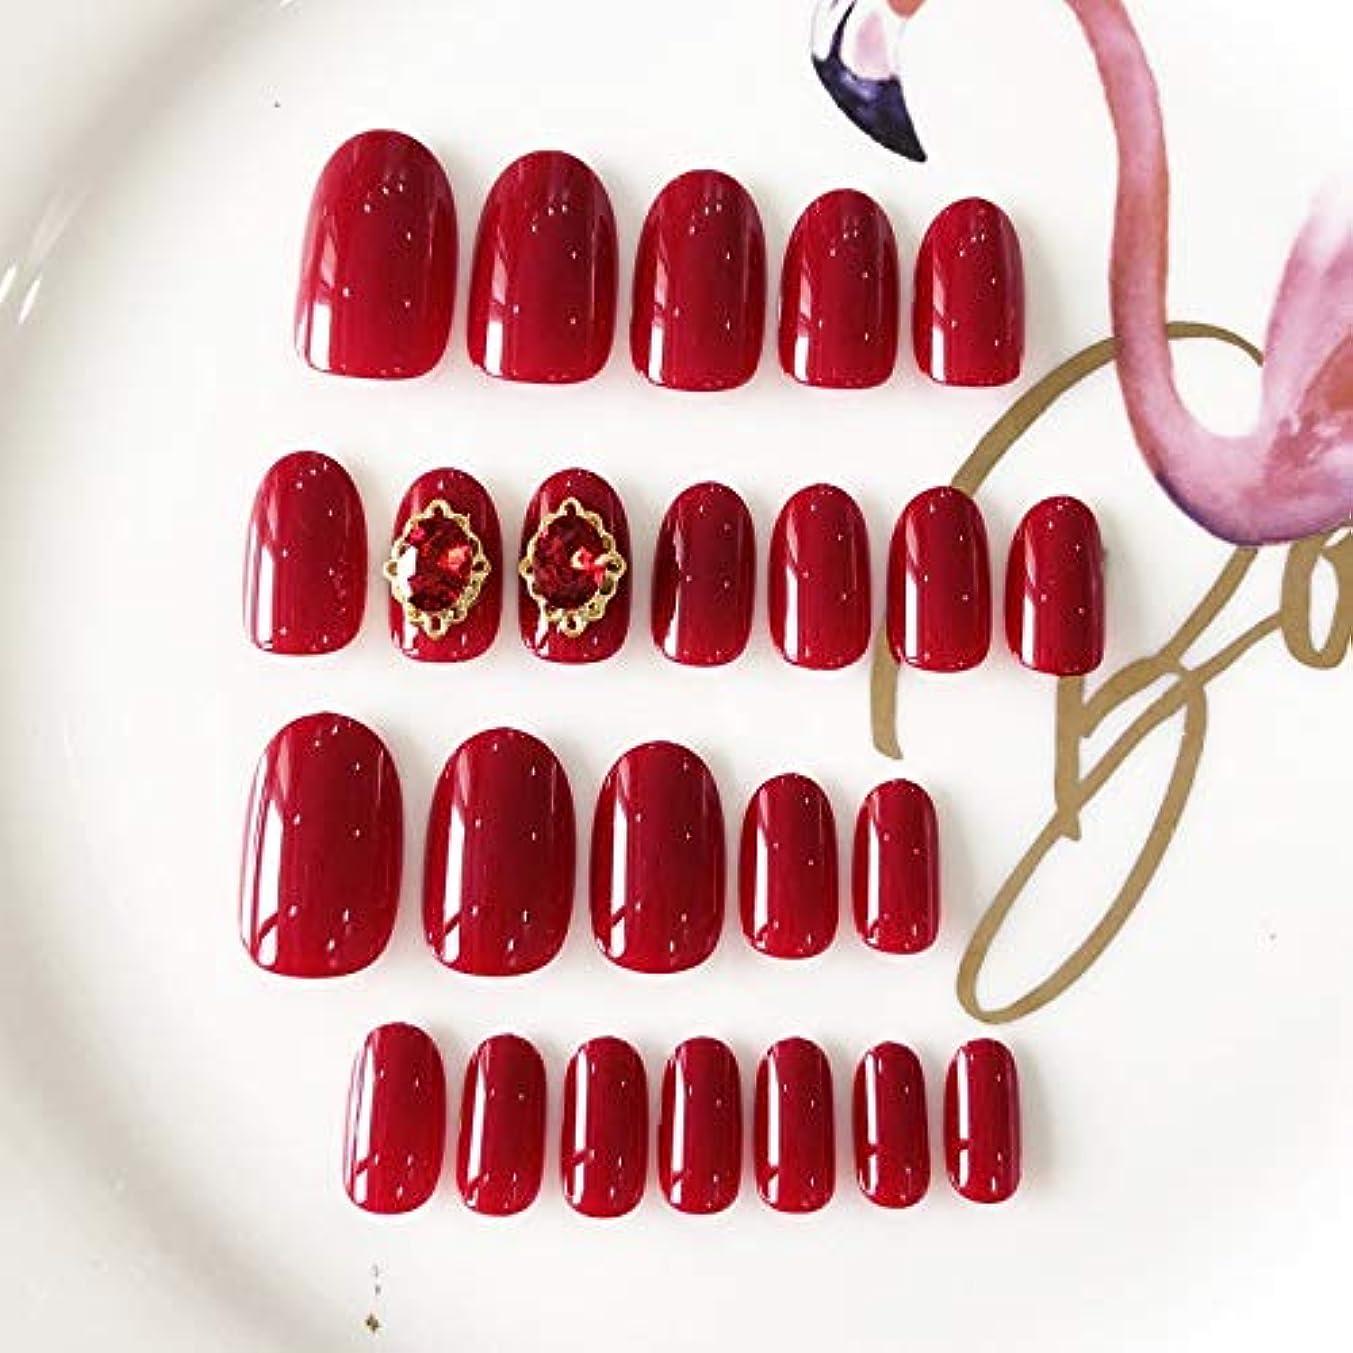 追う損失誰AFAEF HOME 24個の短い楕円形の偽爪12サイズ単色ワインレッドエレガントな偽爪結婚式